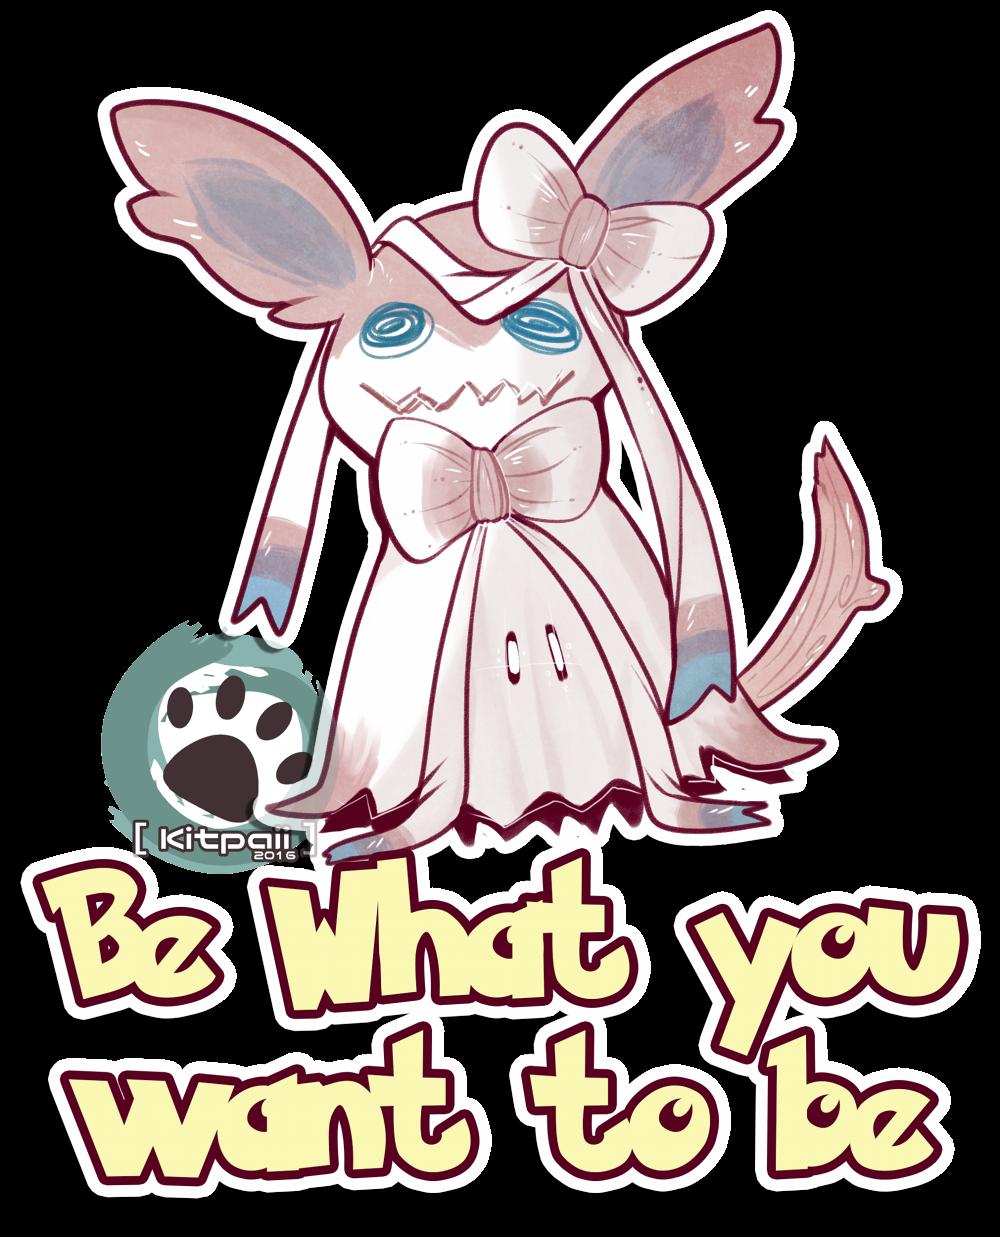 BE WHO U BE 【Fan】